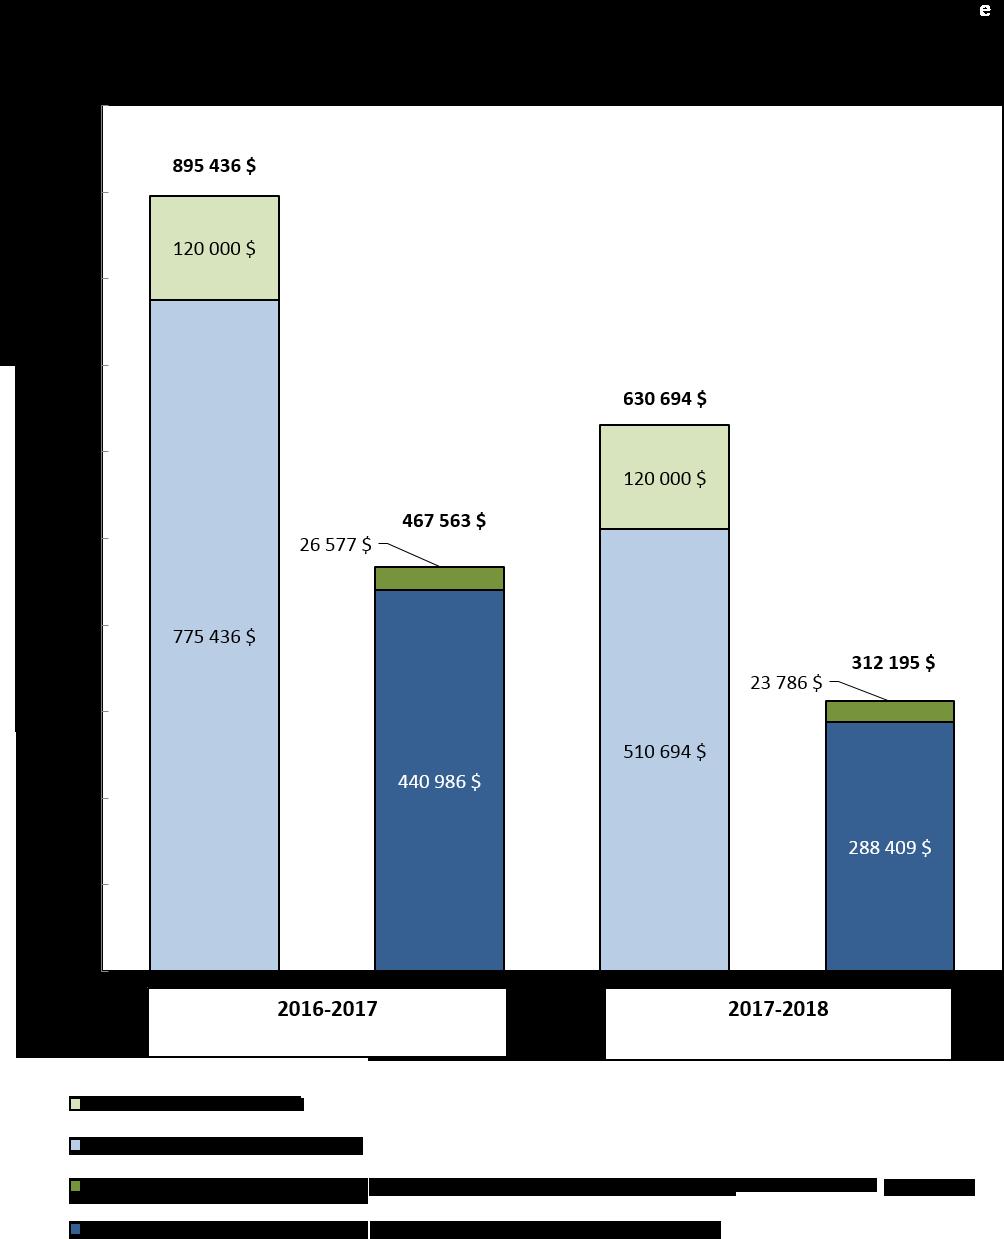 Graphique 1 : Comparaison des autorisations budgétaires brutes et des dépenses au 30 septembre 2016 et au 30 septembre 2017